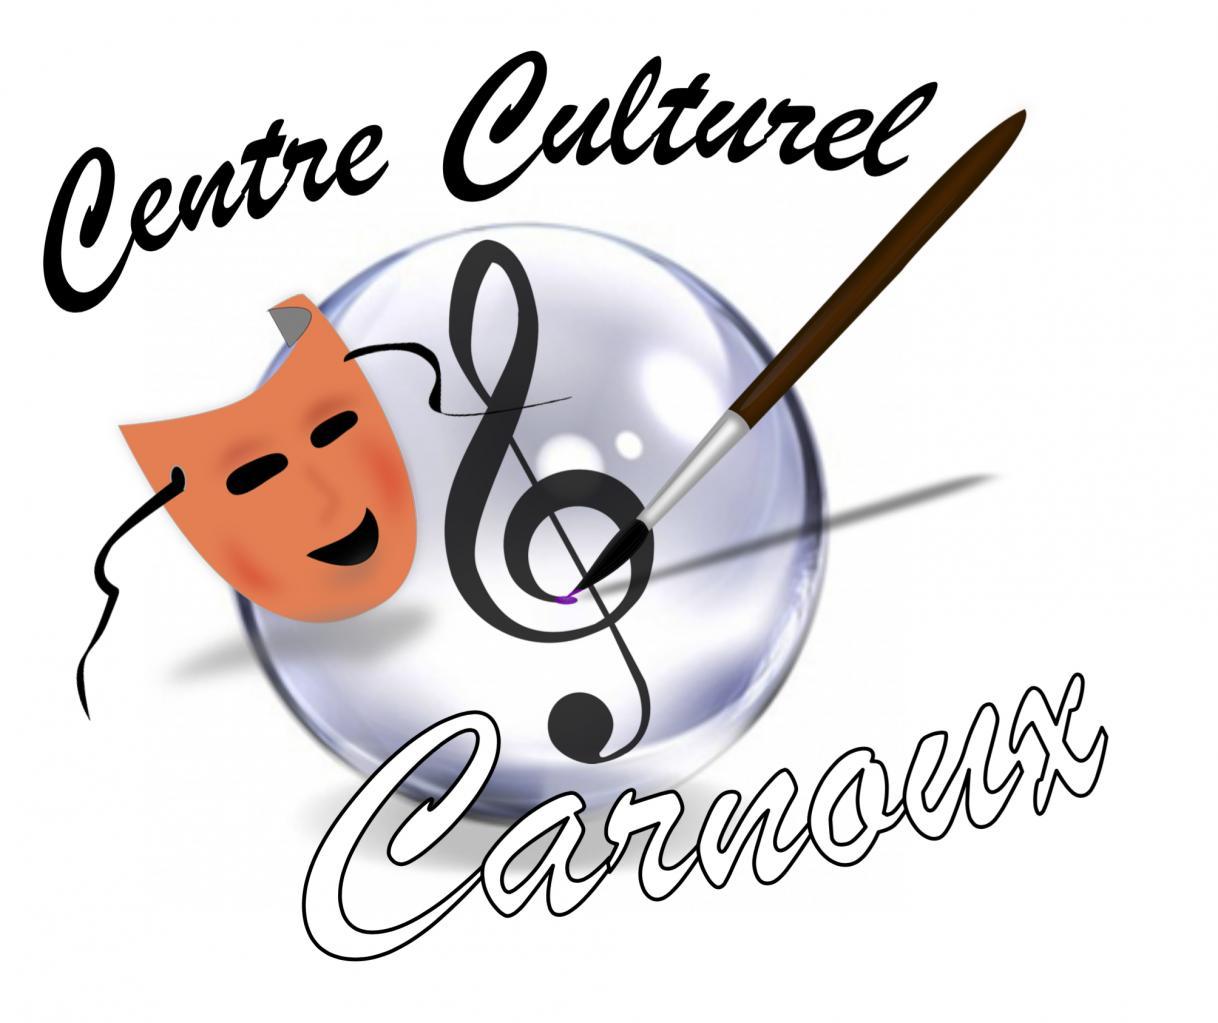 Centre Culturel Carnoux en Provence